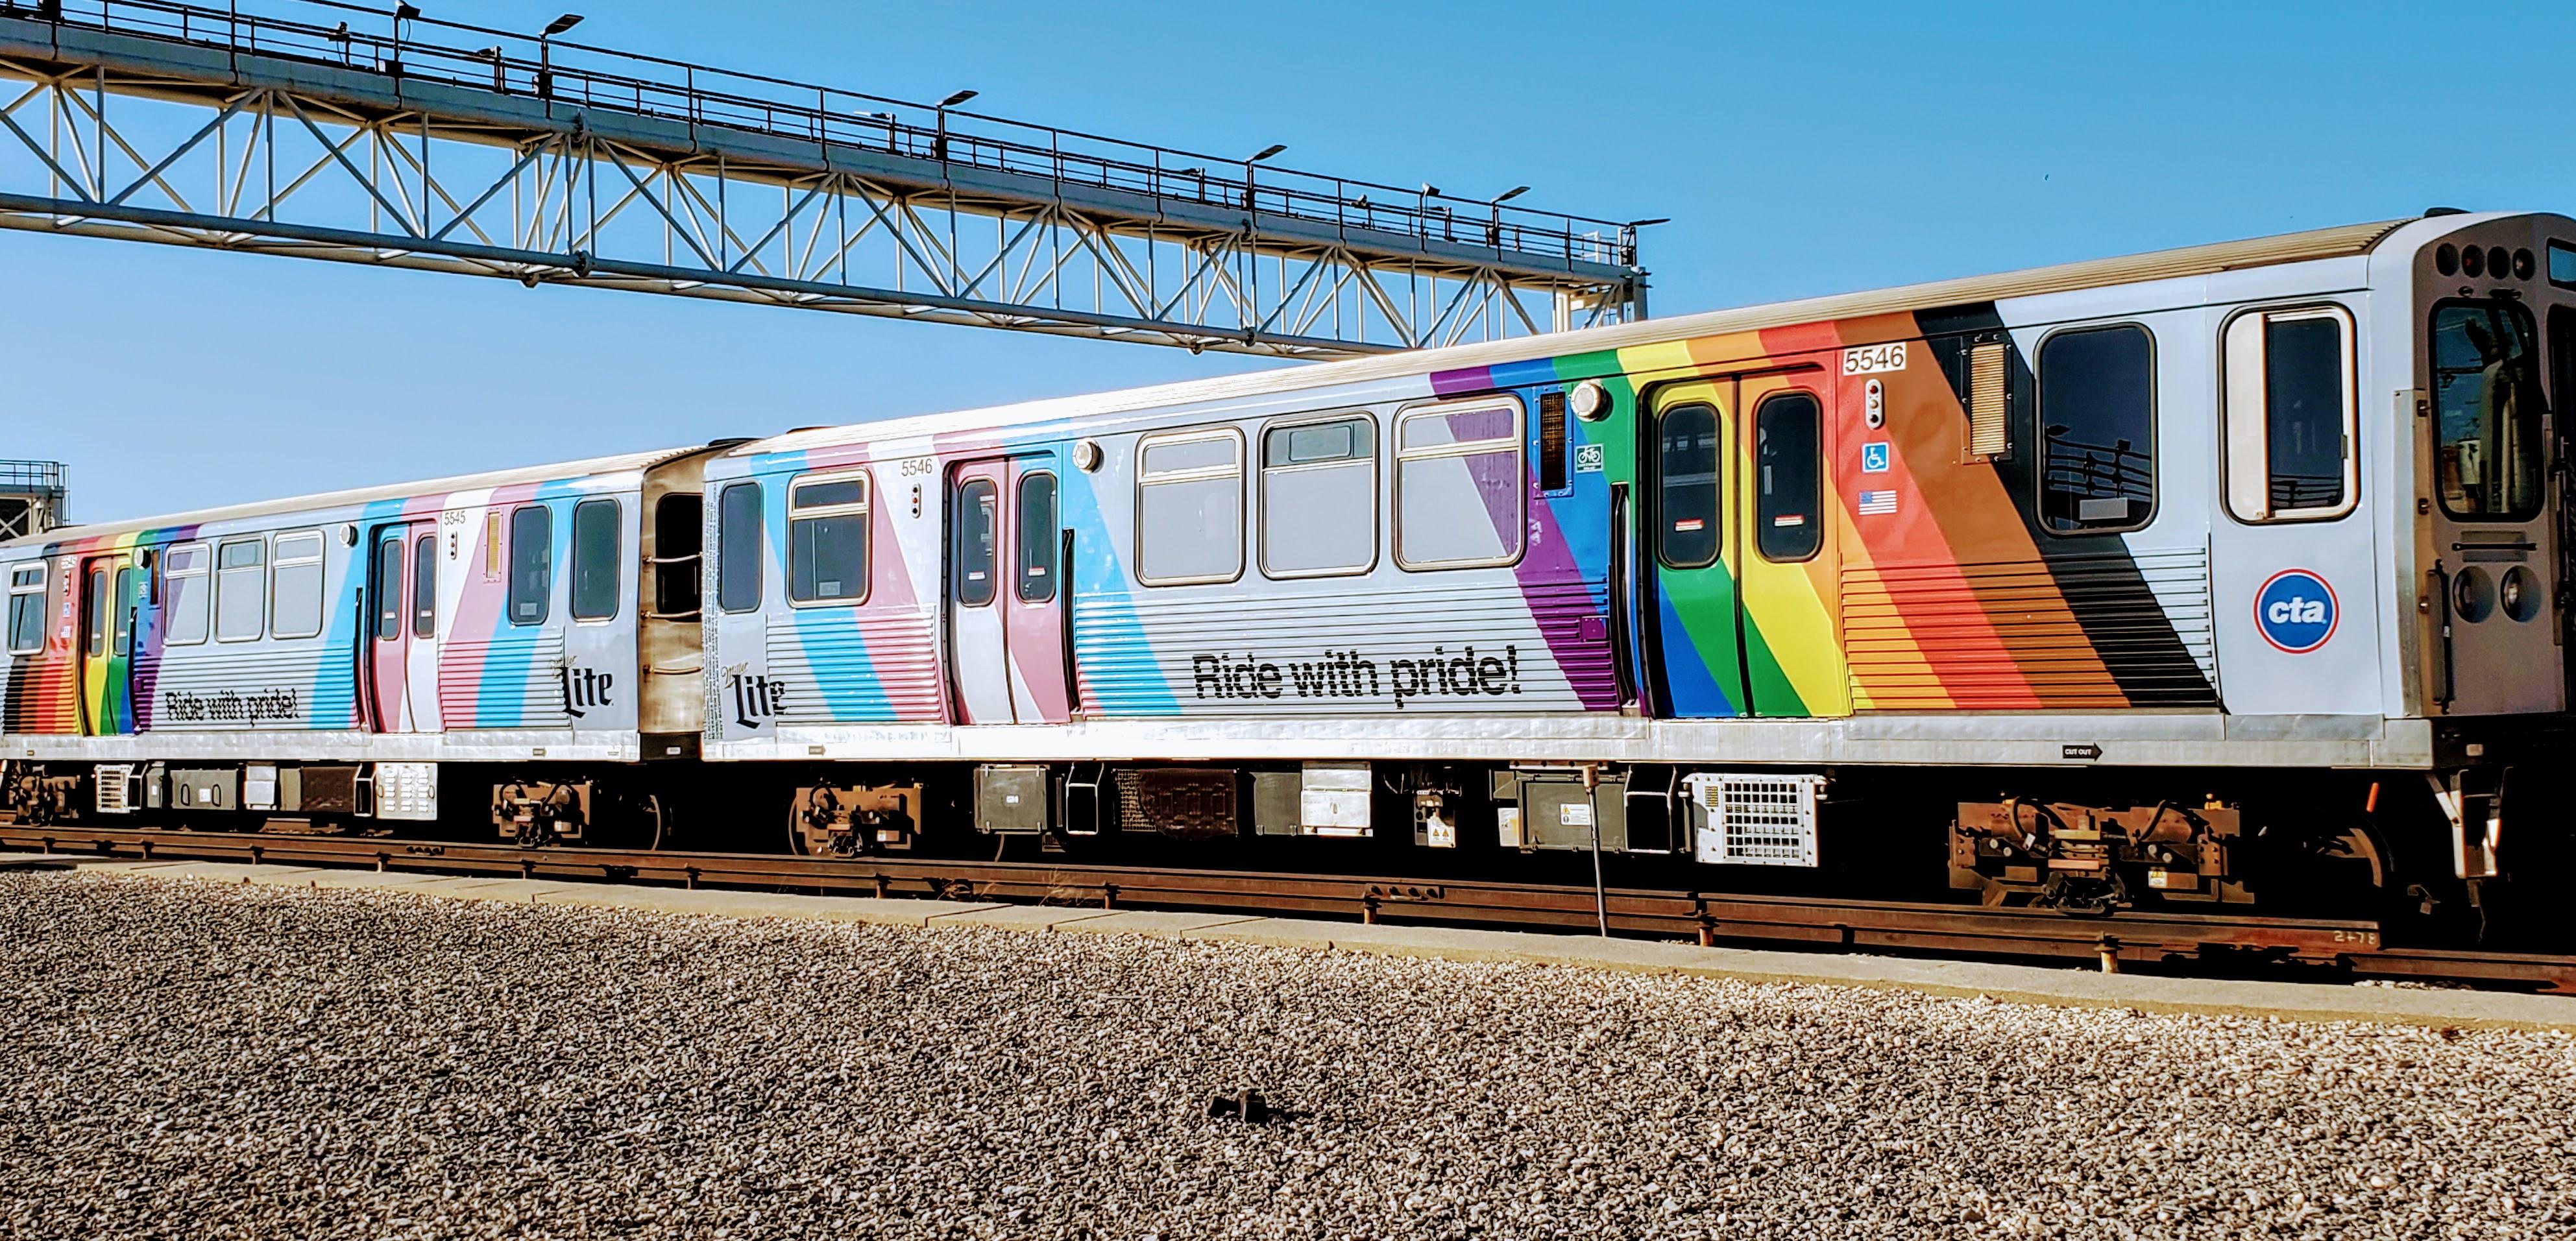 The Pride Train rides through a rail station.